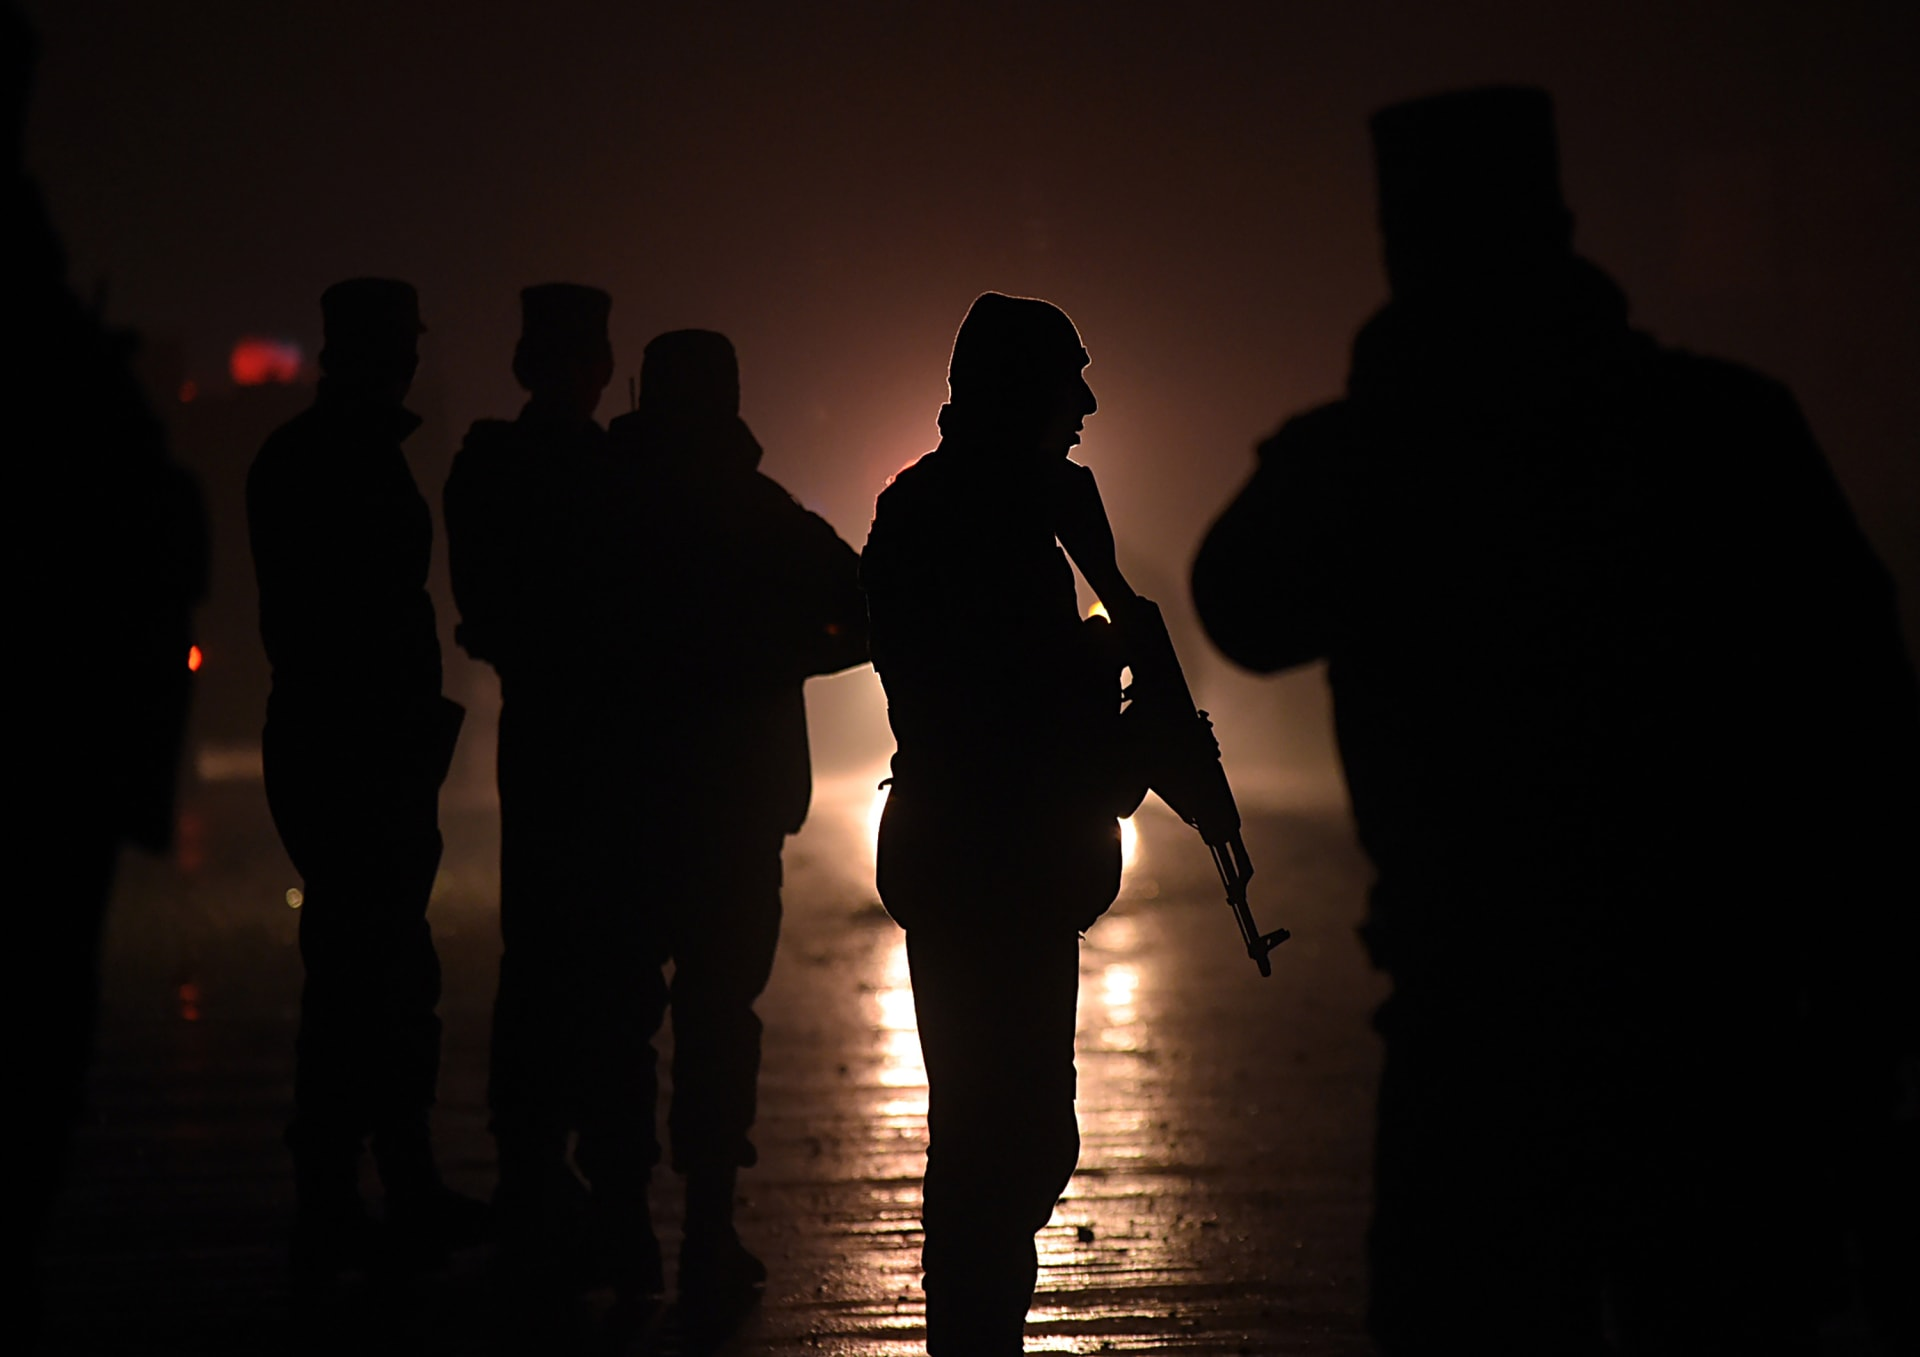 """الحكومة الأفغانية تحقق في قضية شرطي أفغاني """"خائن"""" قتل 10 من زملائه ليمهد الطريق لغارة لـ""""طالبان"""""""